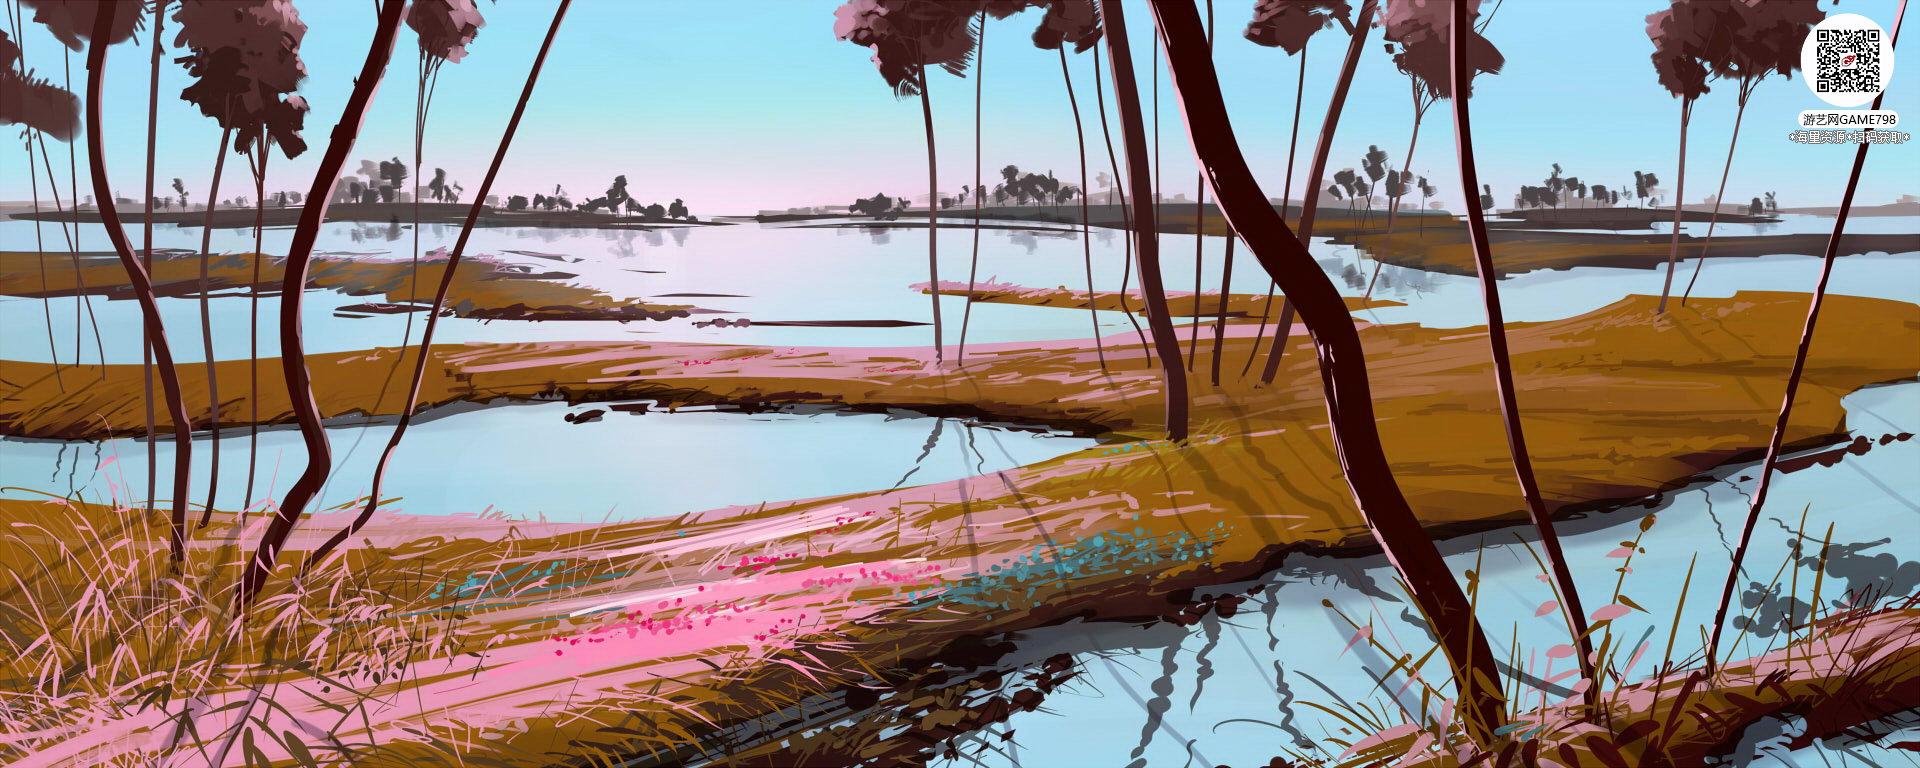 033_关注游艺网公众号获海量资源_风格独特的原画概念设定Q版卡通风格异世界科幻风格设计.jpg